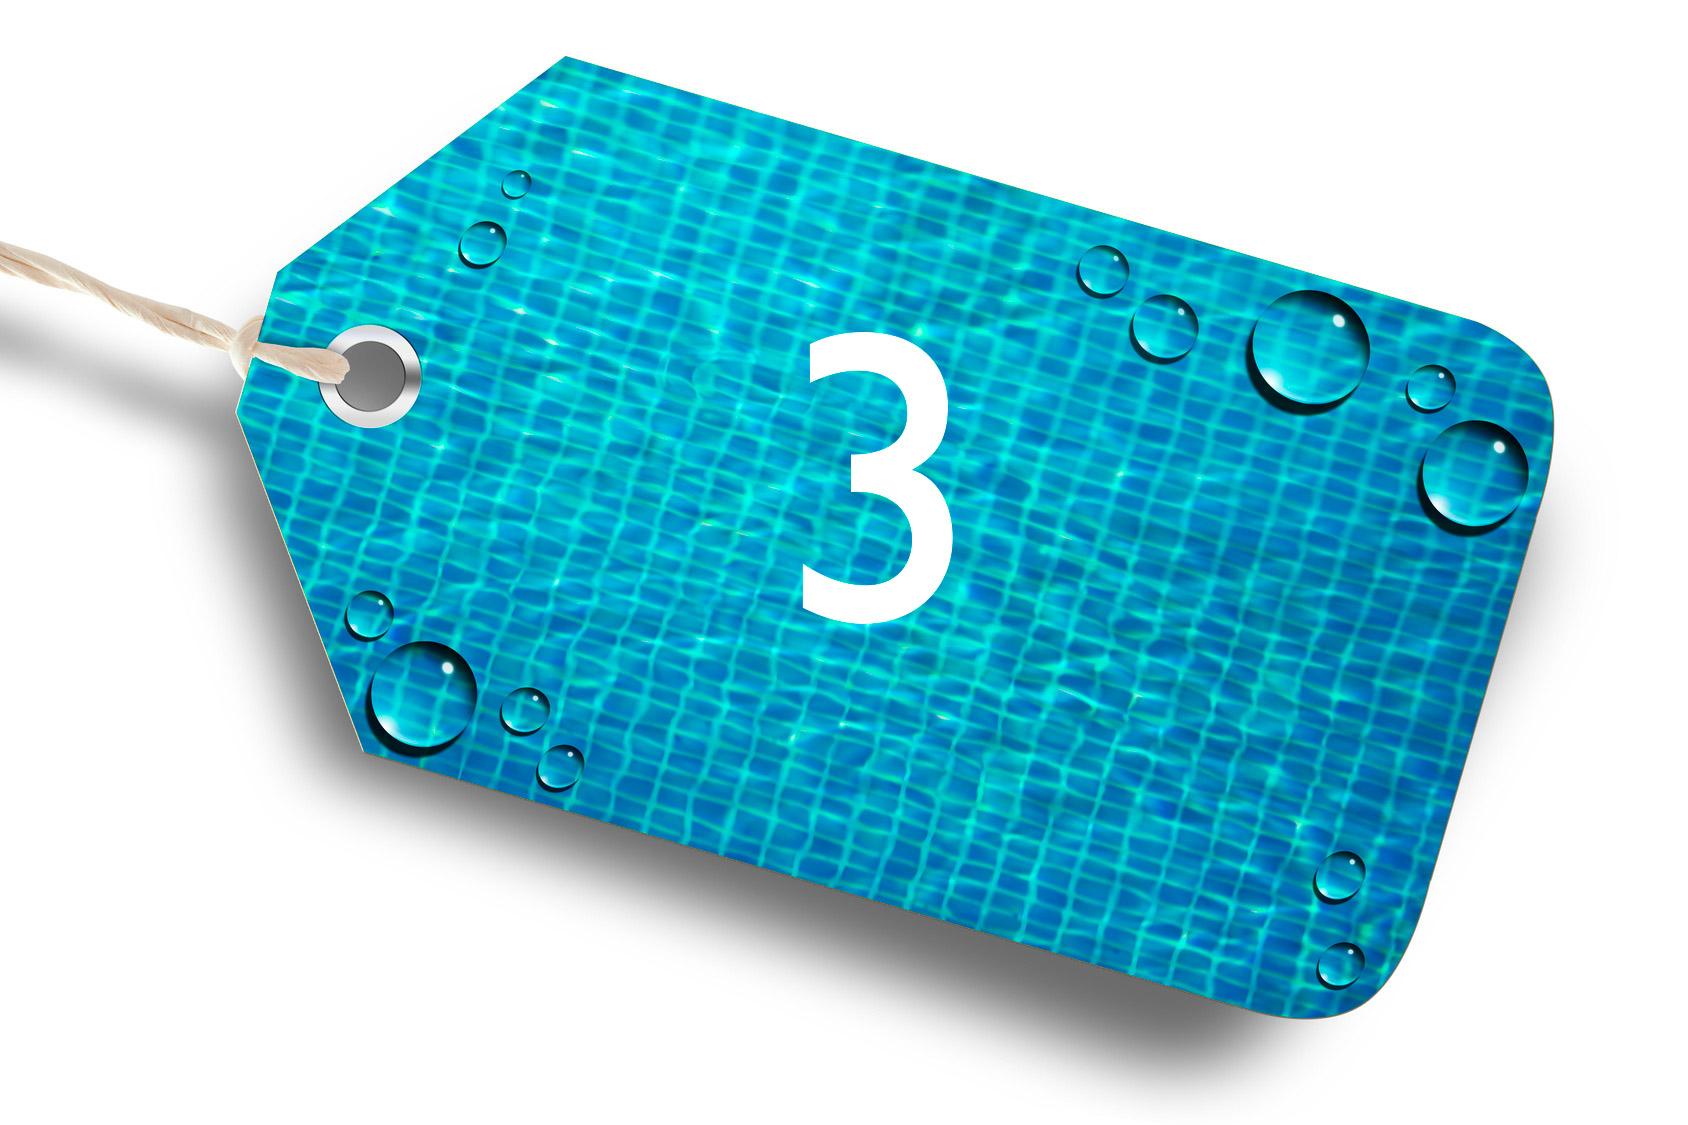 etiquette portant le chiffre 3 avec en fond une représentation d'un fond de piscine